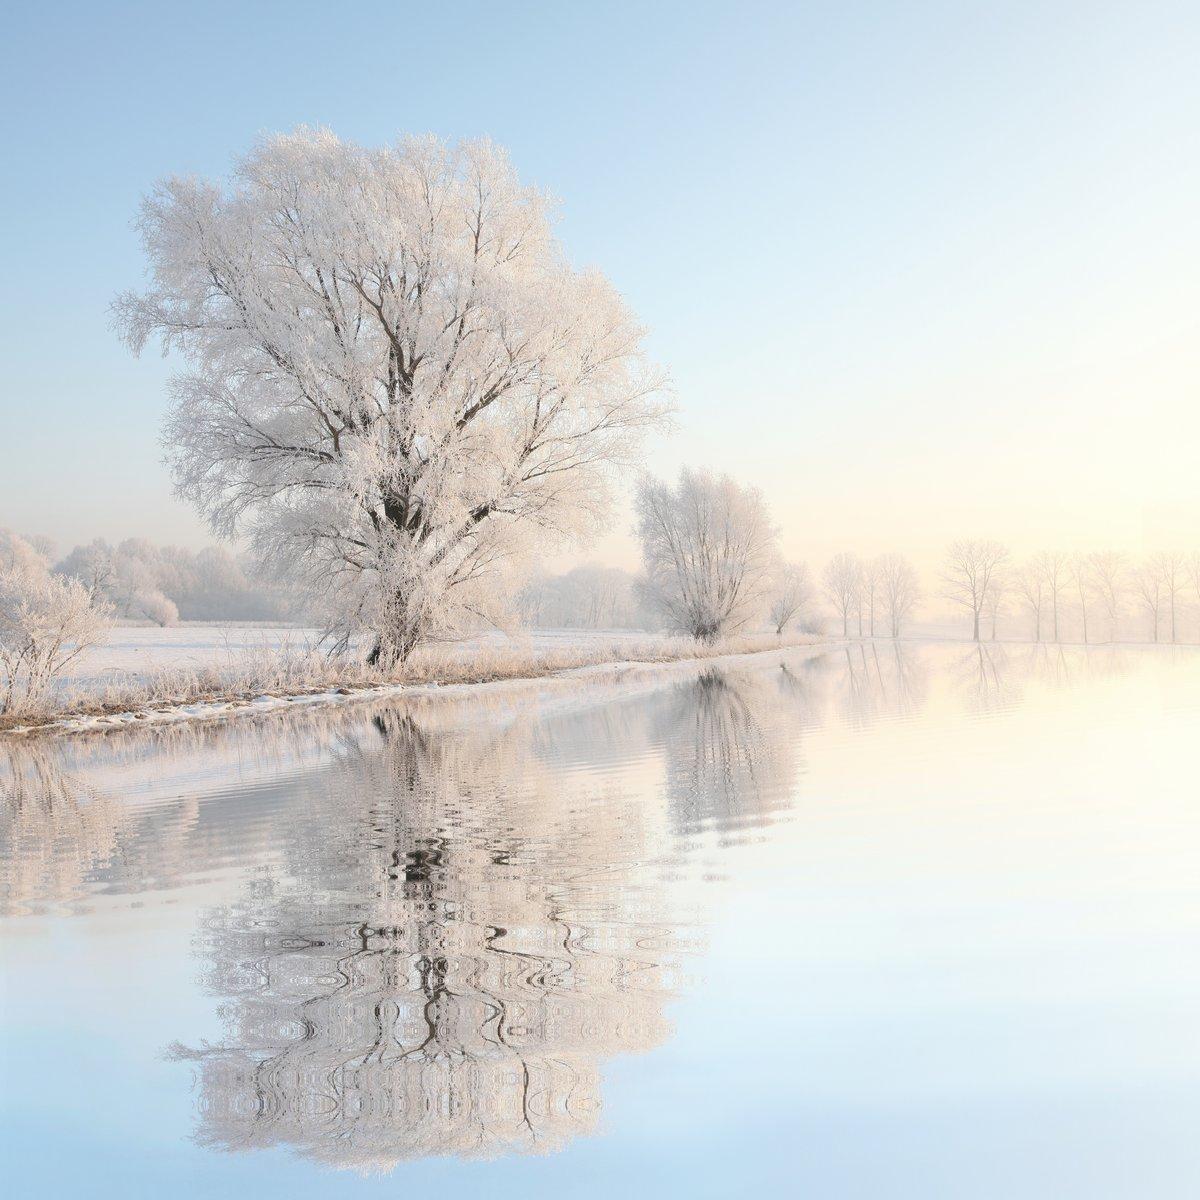 Постер Зима Морозная зима дерево на фоне голубого неба с отражением в водеЗима<br>Постер на холсте или бумаге. Любого нужного вам размера. В раме или без. Подвес в комплекте. Трехслойная надежная упаковка. Доставим в любую точку России. Вам осталось только повесить картину на стену!<br>